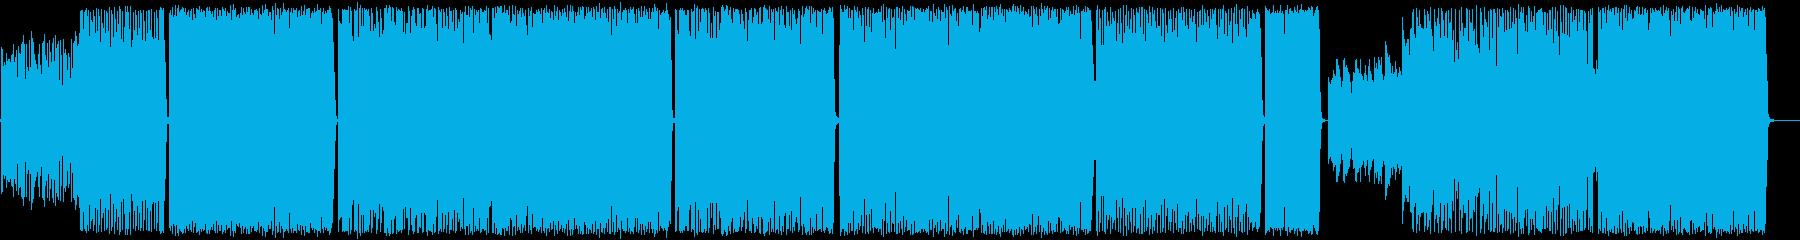 ska!ロック!ビッグバンドでアッパーの再生済みの波形